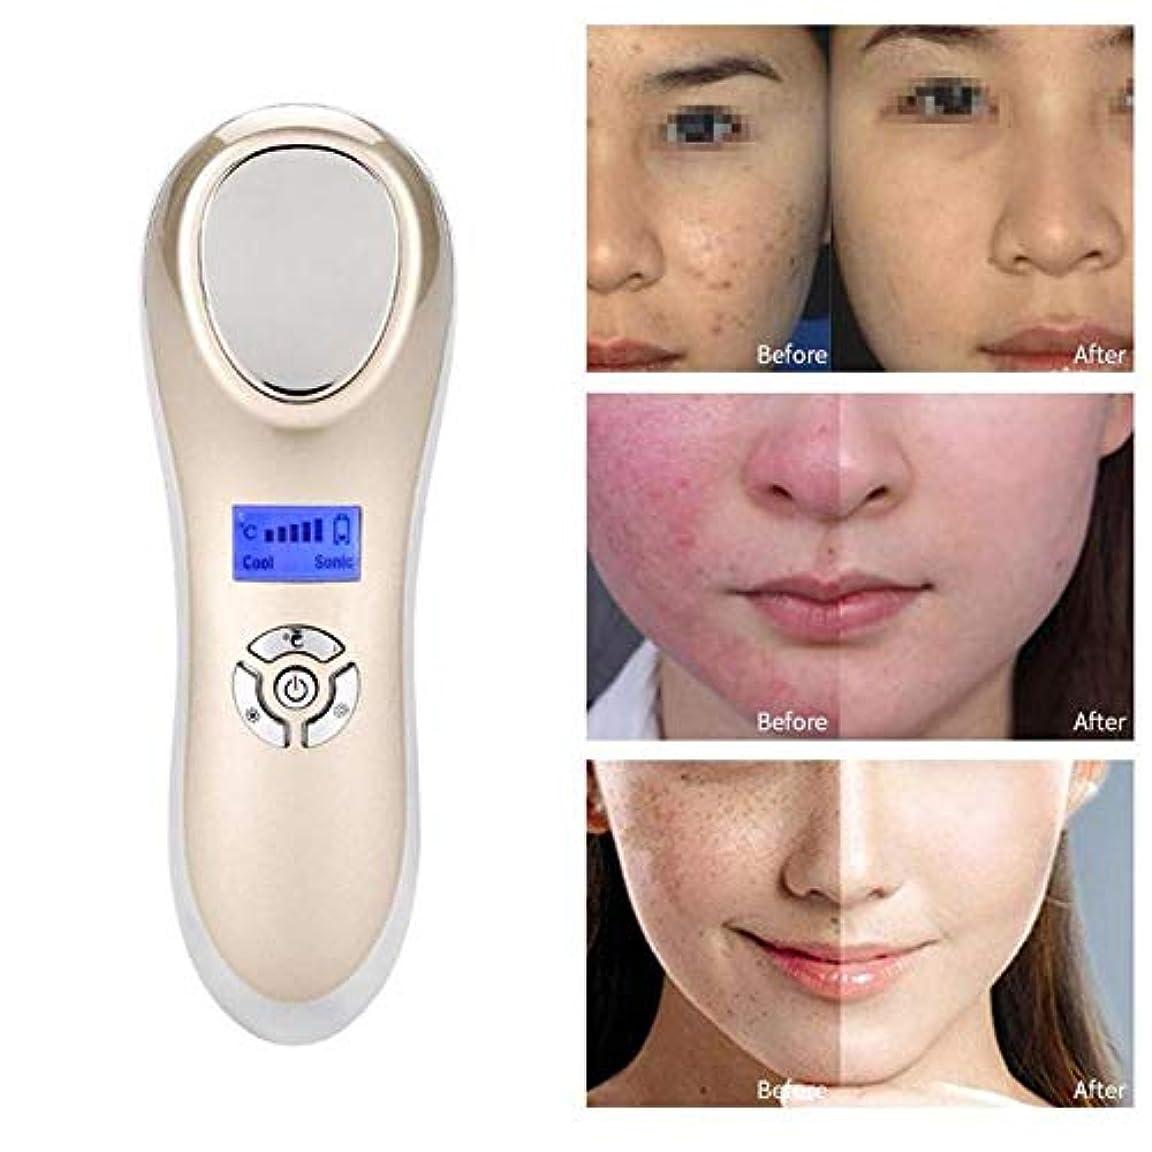 推定高める下位フェイスマッサージトリートメントや毛穴収縮顔のためのホットコールドガルバニックフェイスリフトイオンマイクロカレント美容機スパケアデバイスとの顔のデバイス